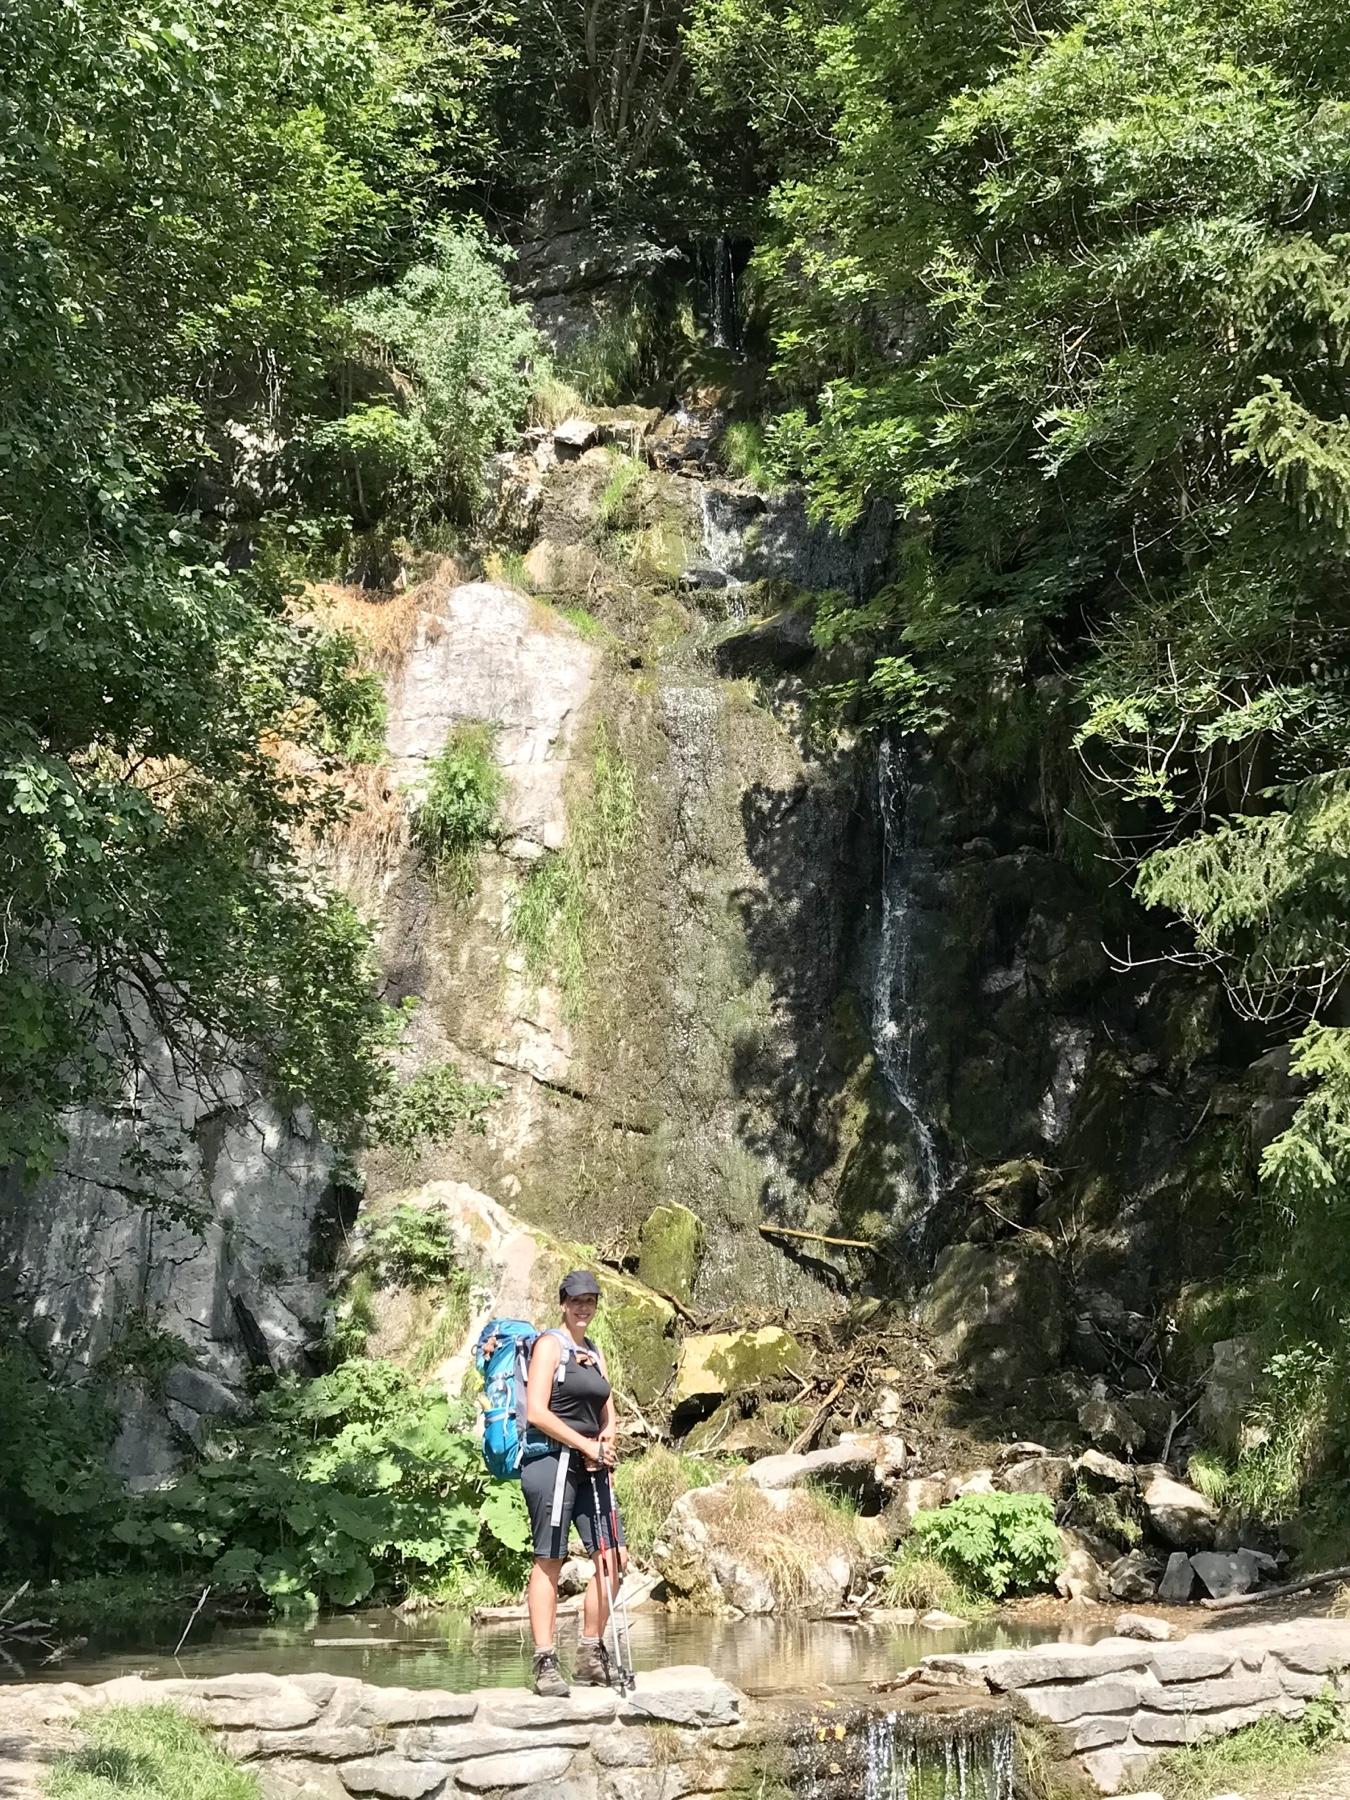 Der Königshütter Wasserfall am Hexensteig mit wenig Wasser